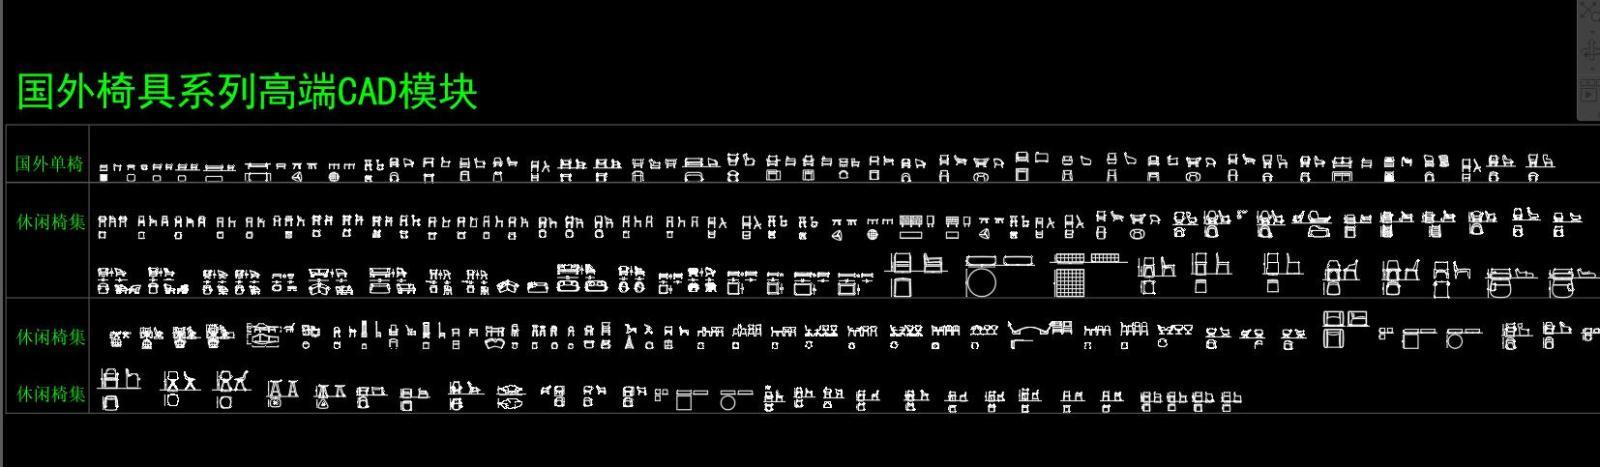 椅子CAD施工图下载【ID:953926230】